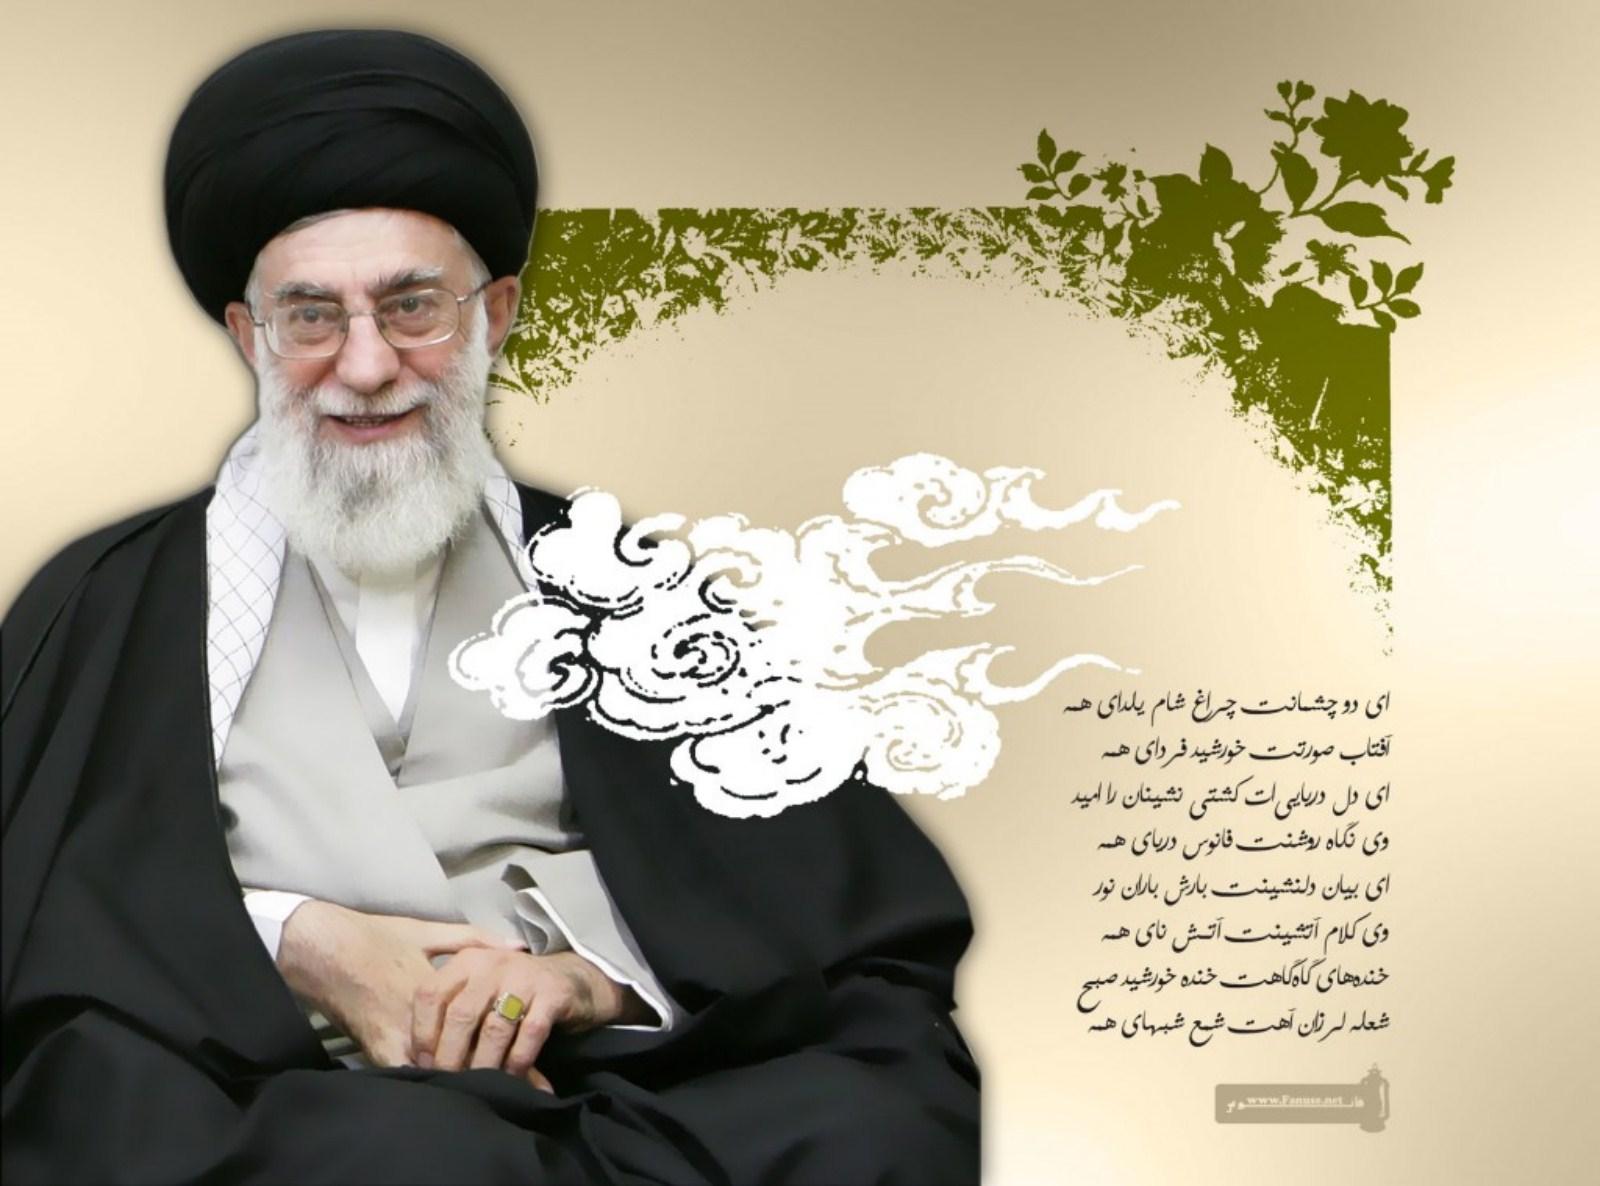 اشک های محسن مسلمان پس از باز دروازه الهلال مرجع دانلود سخنرانی های دکتر عباسی با لینک مستقیم